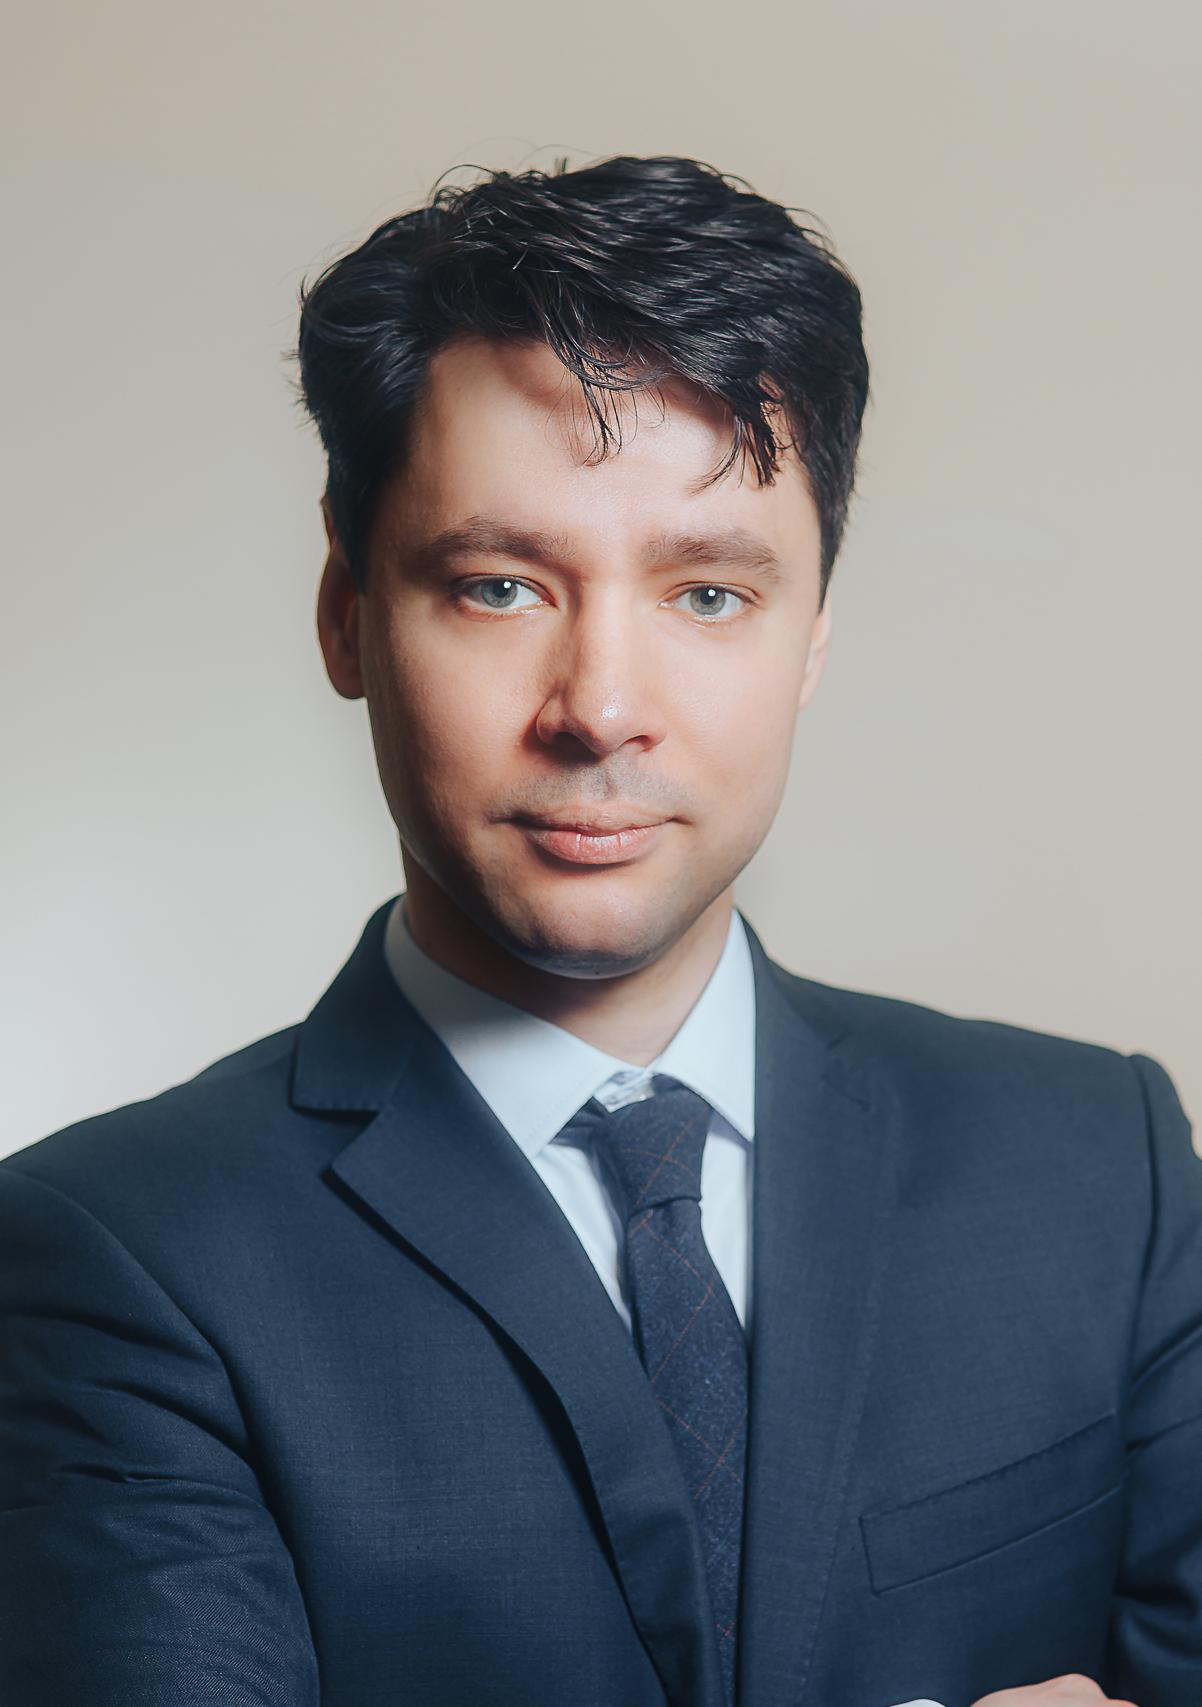 Anton_Zyk_urist_ekaterinburg